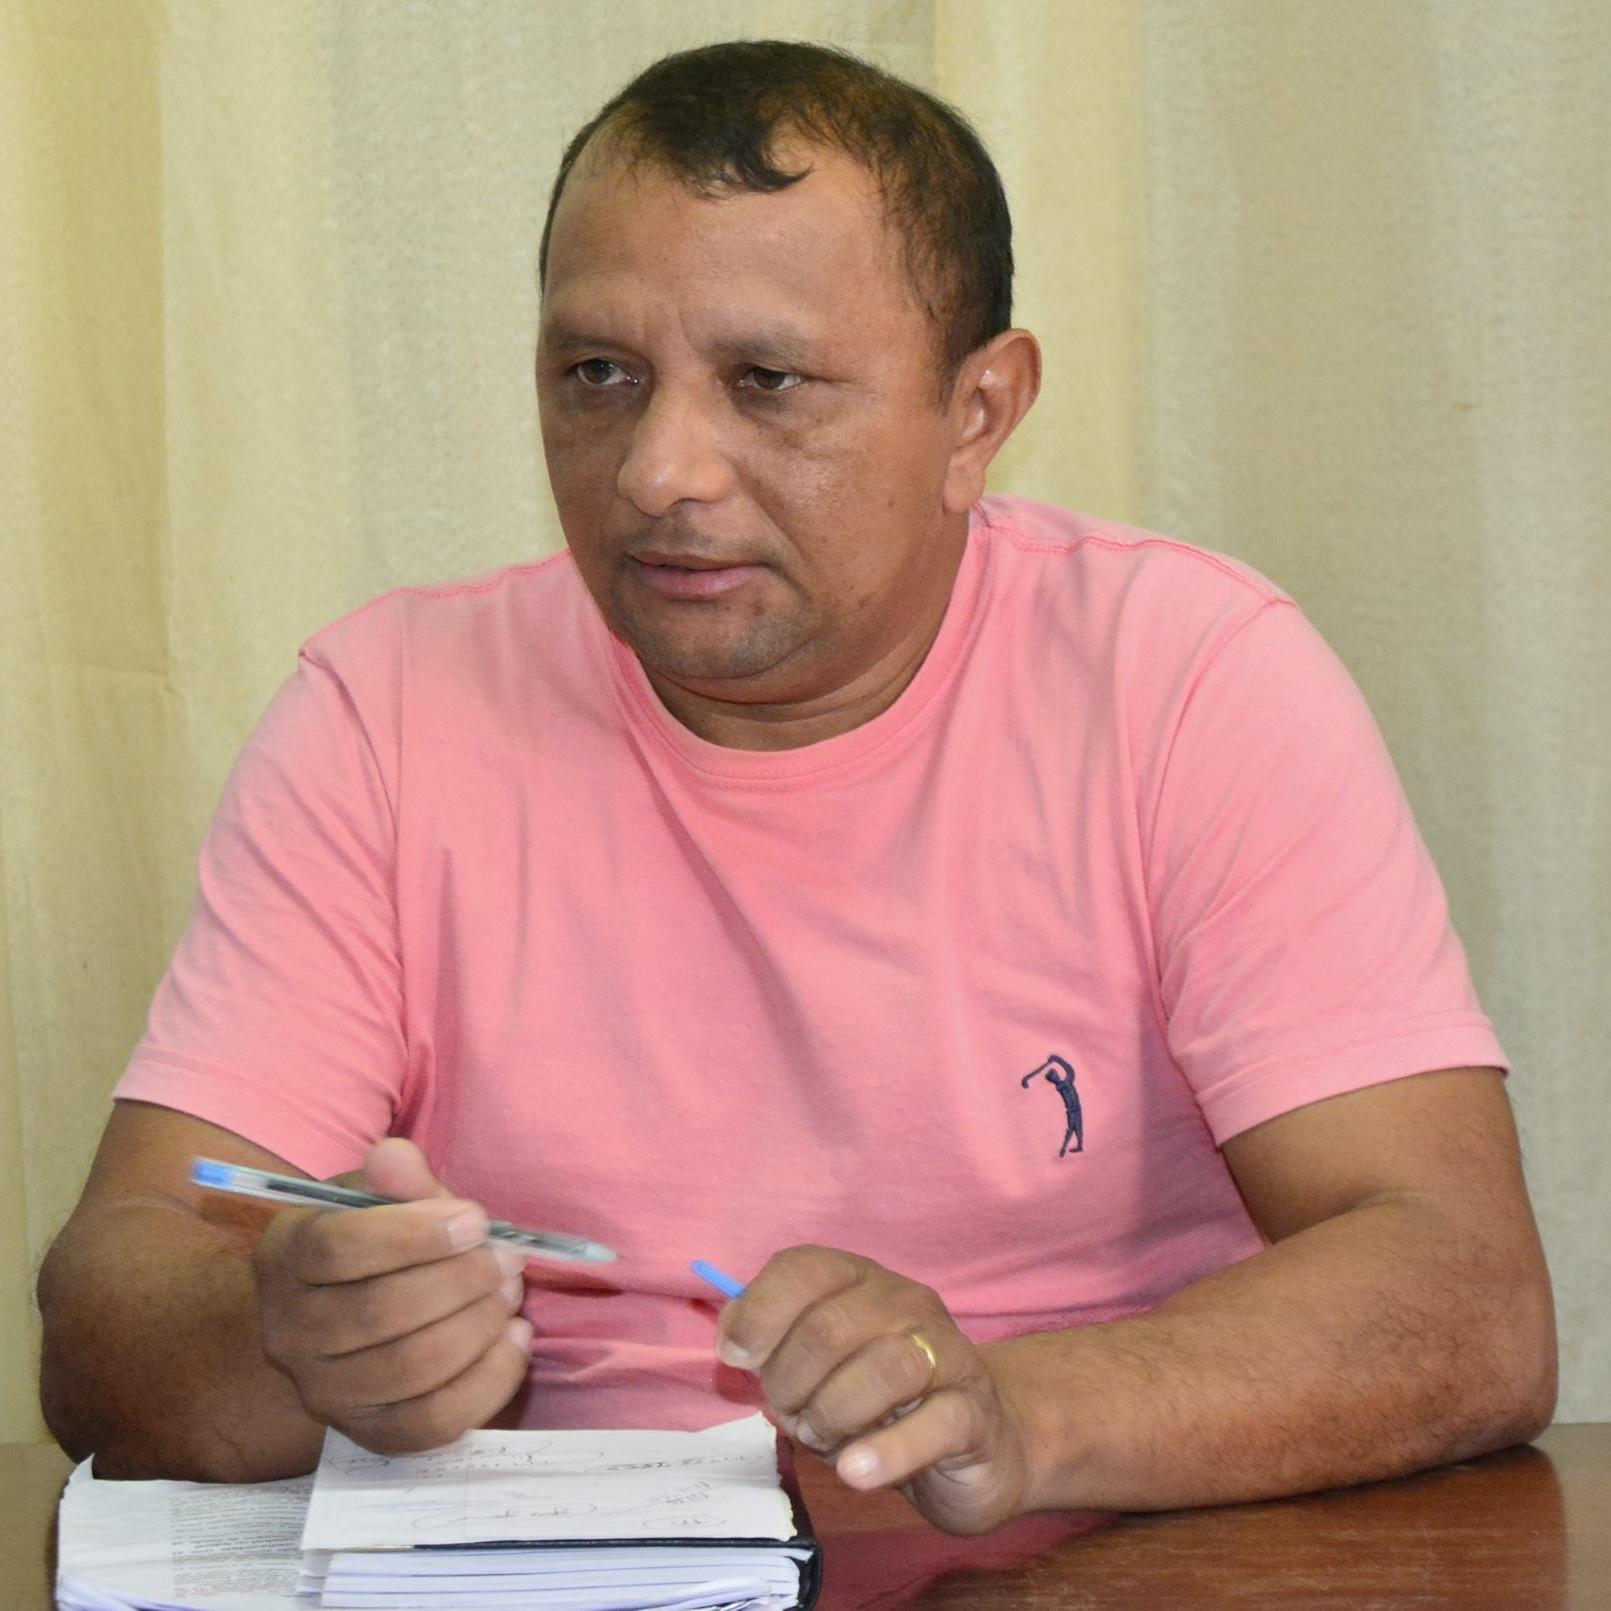 Presidente da Câmara sofre pressão de servidores e 'descasca abacaxi' cultivado por colega